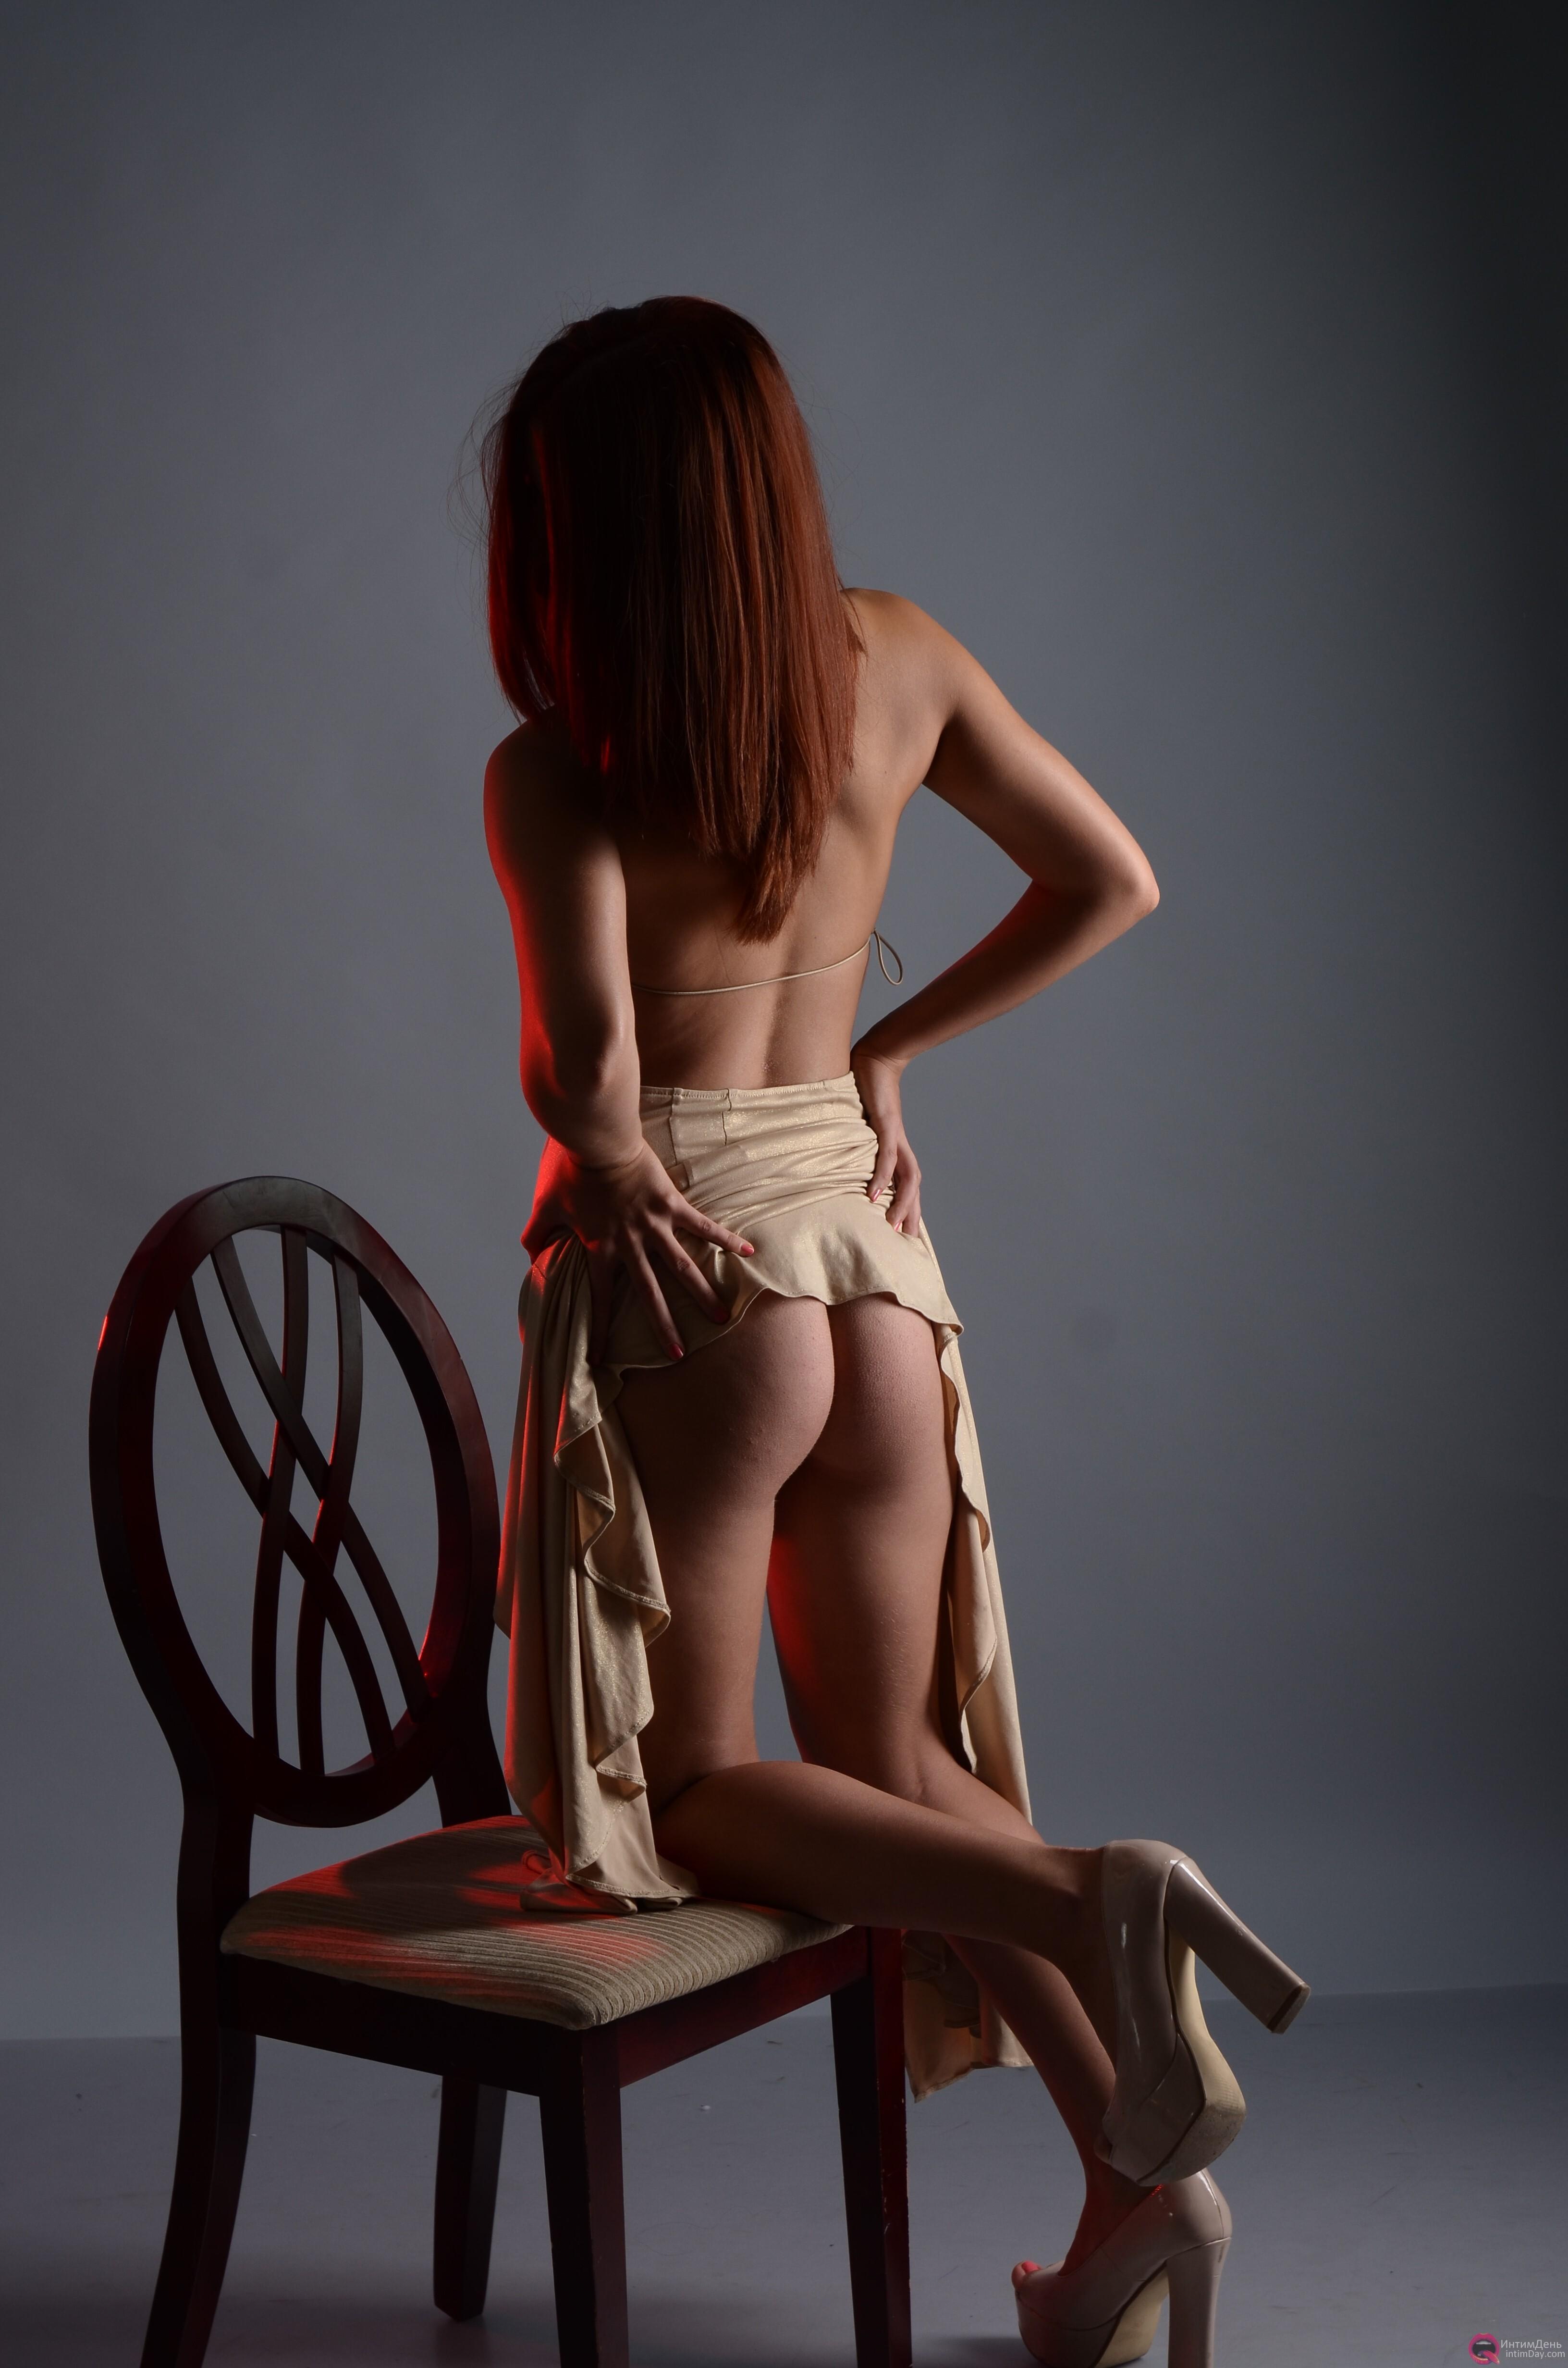 Проститутка Стася, Днепропетровская область, Днепропетровск